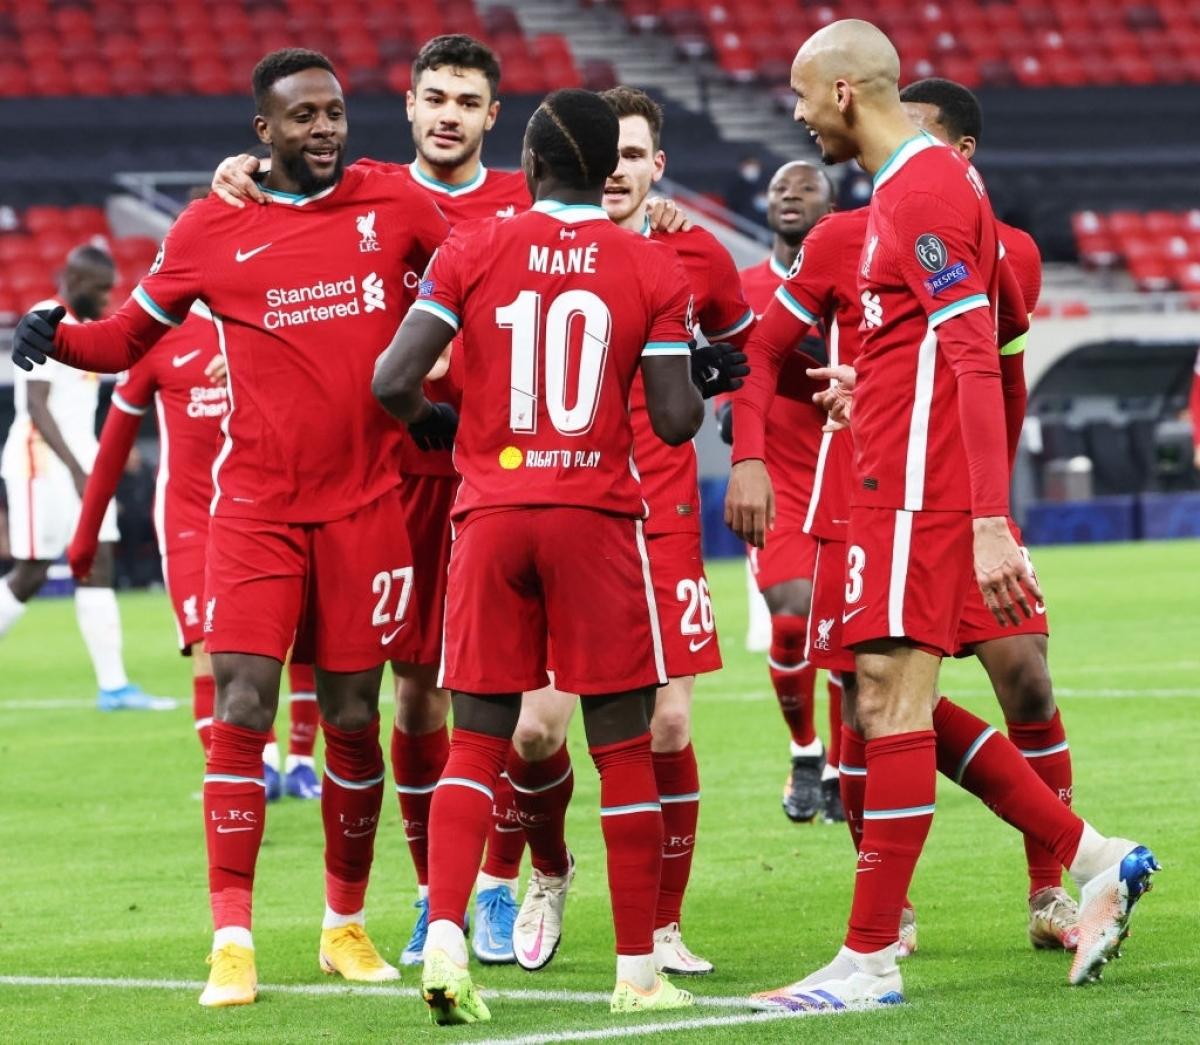 5. Liverpool (ANH) | Xếp hạng châu Âu: 9 | Thành tích tốt nhất: Vô địch x6 (1977, 1978, 1981, 1984, 2005, 2019) | Thành tích ở mùa giải trước: Vòng 16 đội (Thua Atlético Madrid)